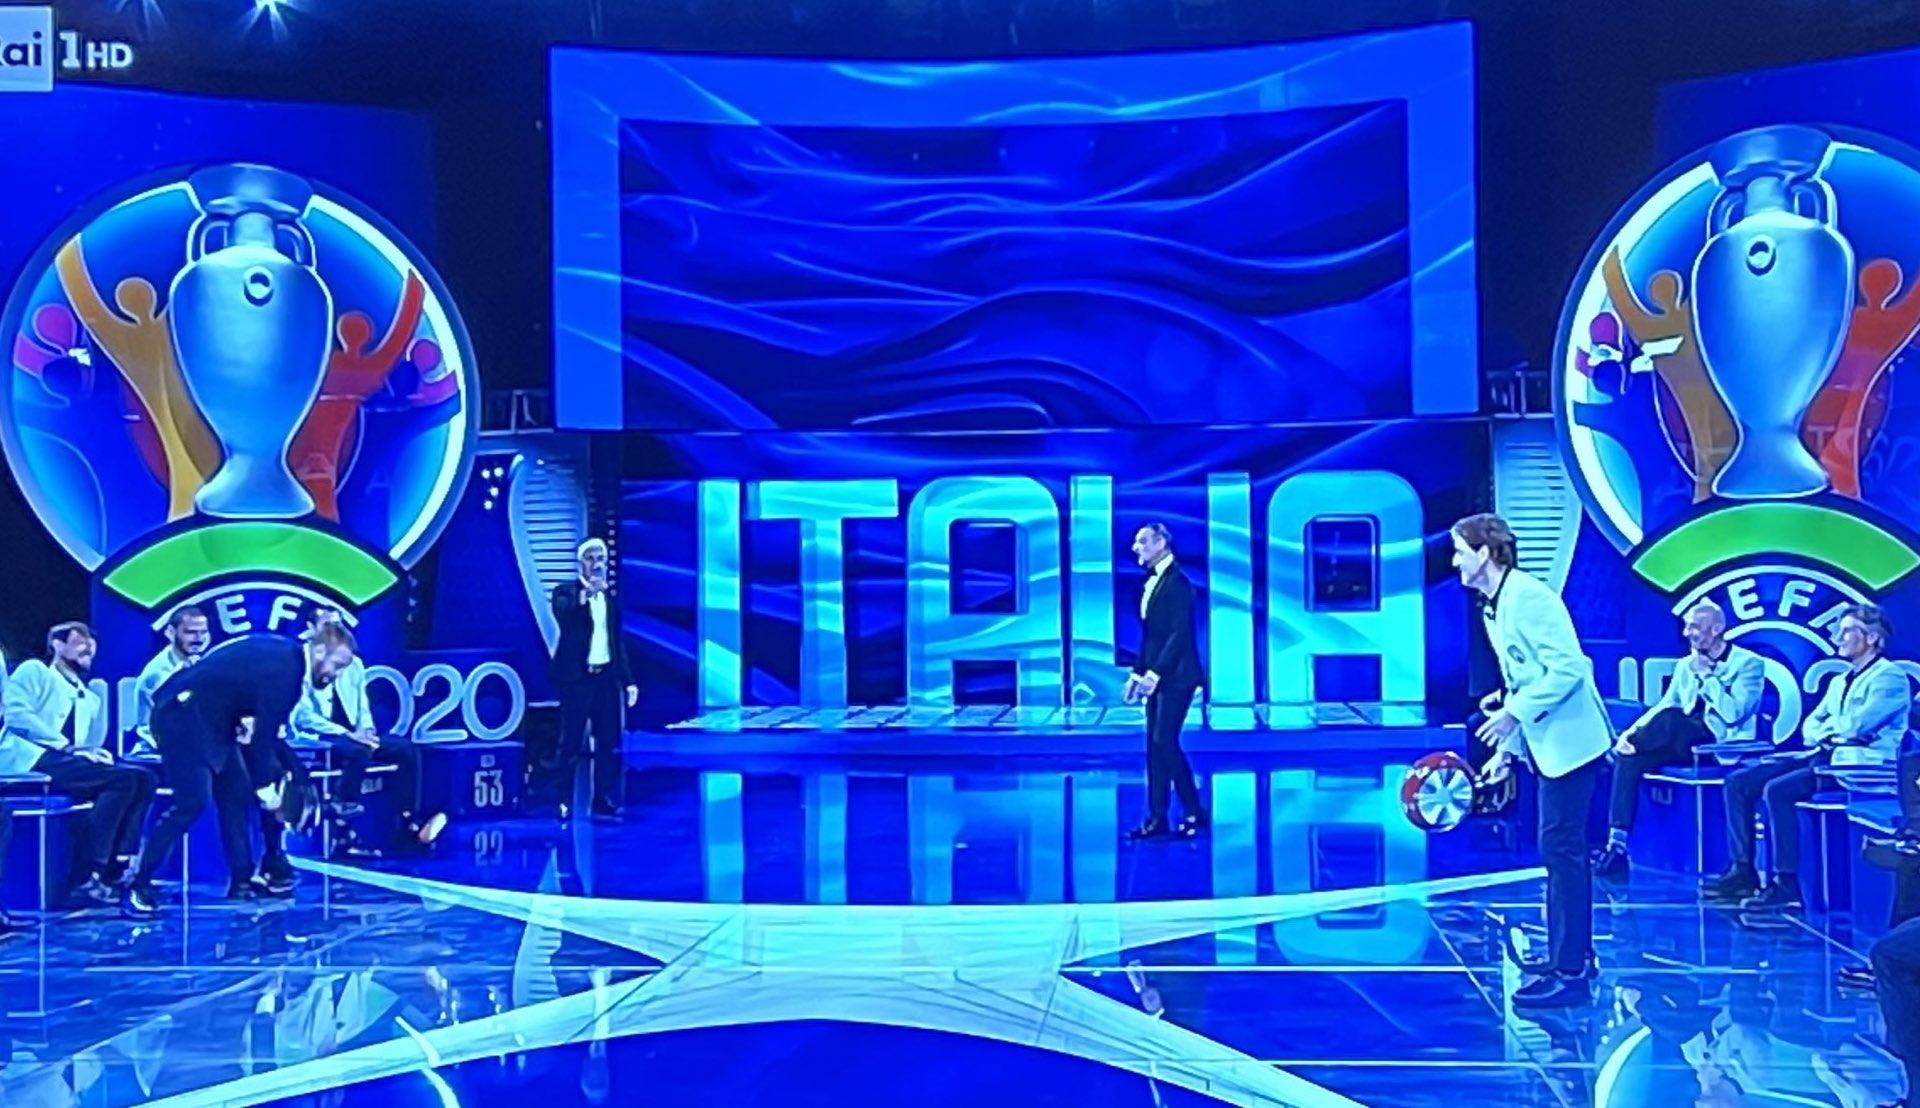 Итальянцы превратили объявление заявки на Евро в шоу: читали рэп, играли в теннис сковородками и танцевали